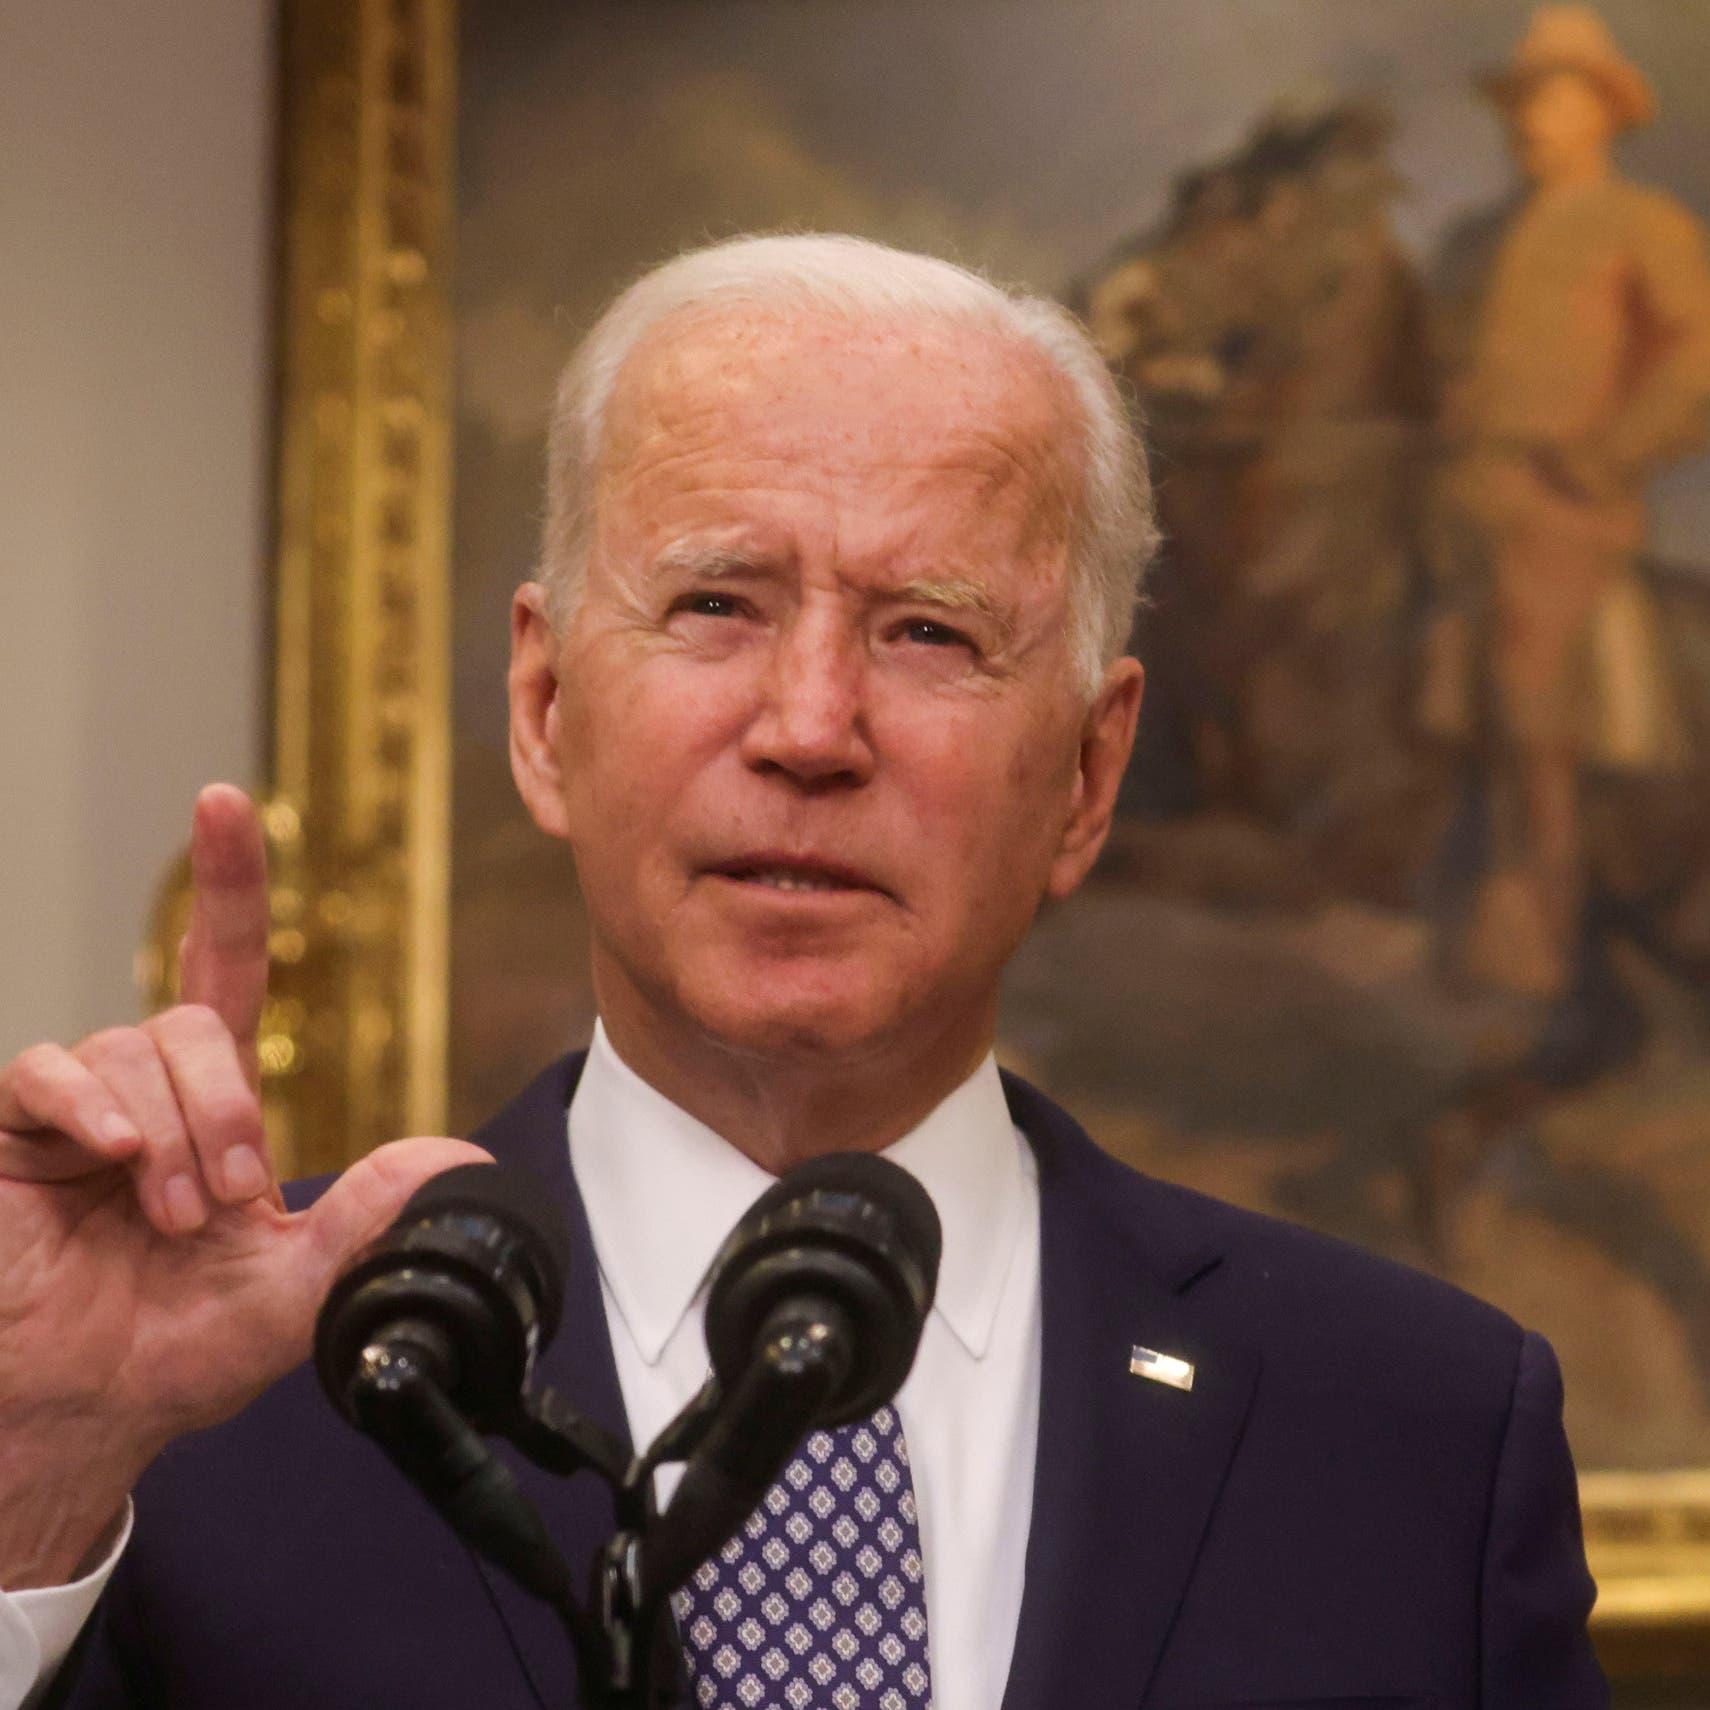 بايدن: الآن انتهت 20 عاماً من الوجود الأميركي في أفغانستان